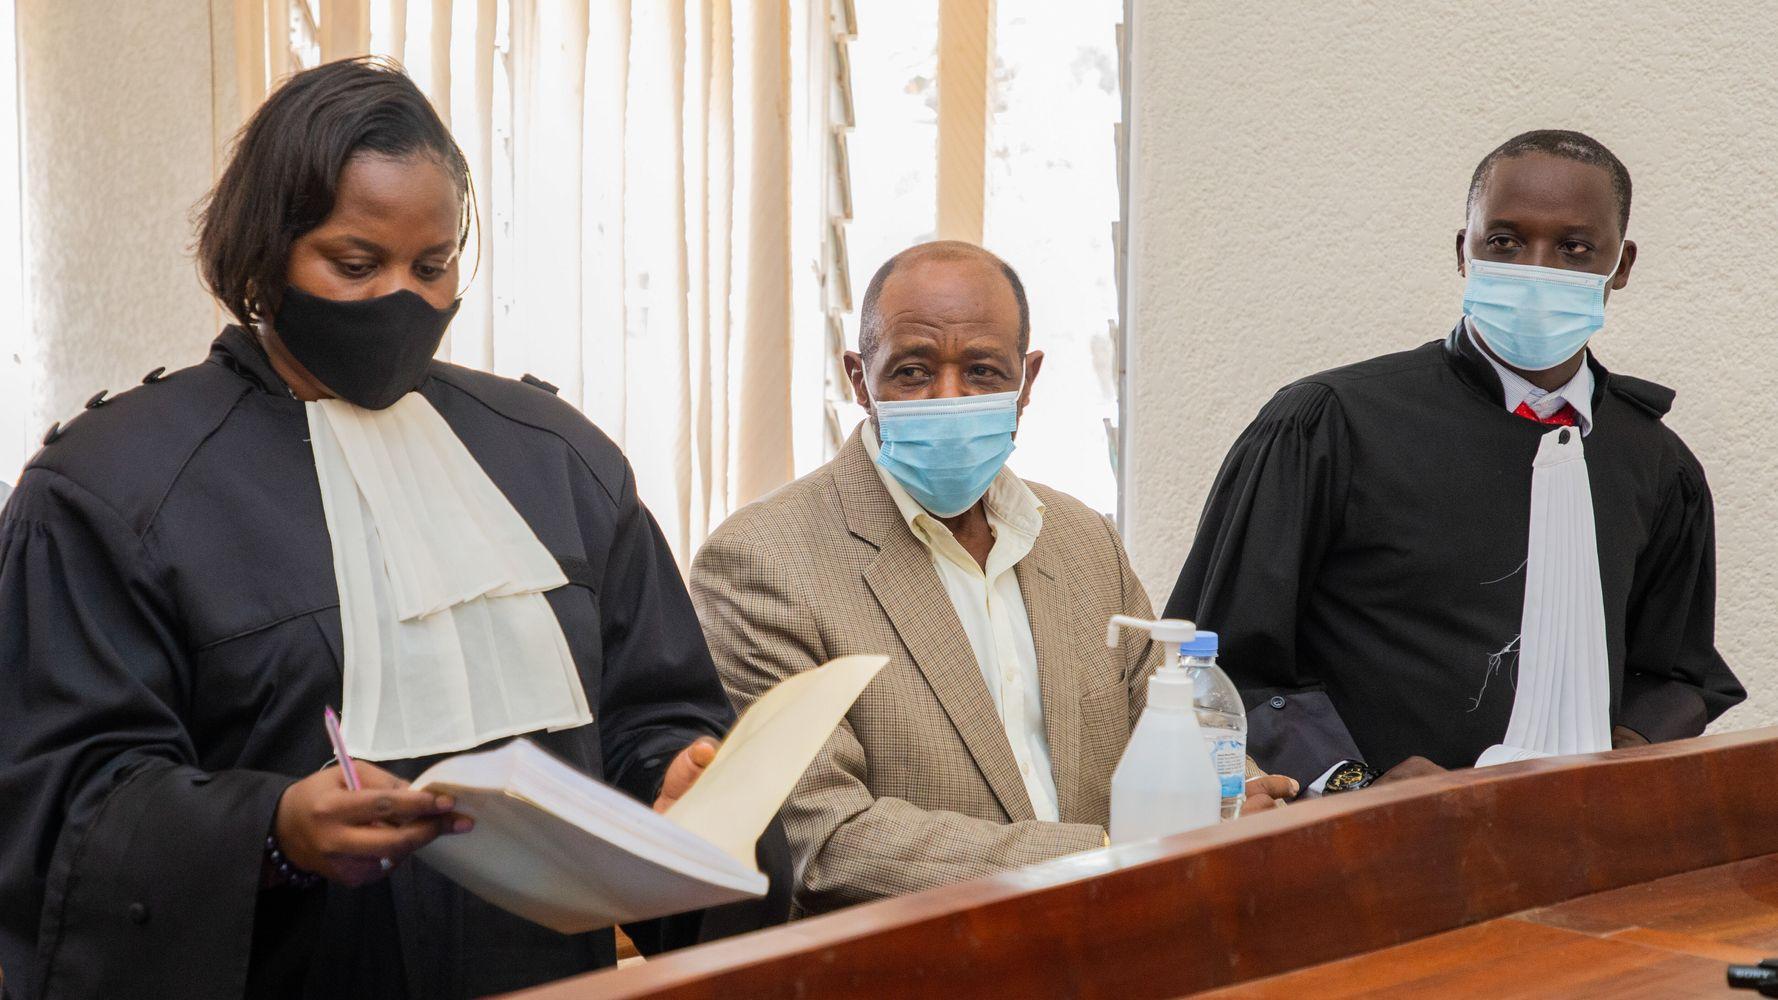 """Résultat de recherche d'images pour """"Paul Rusesabagina, héros du film """"Hôtel Rwanda"""", face à la justice"""""""